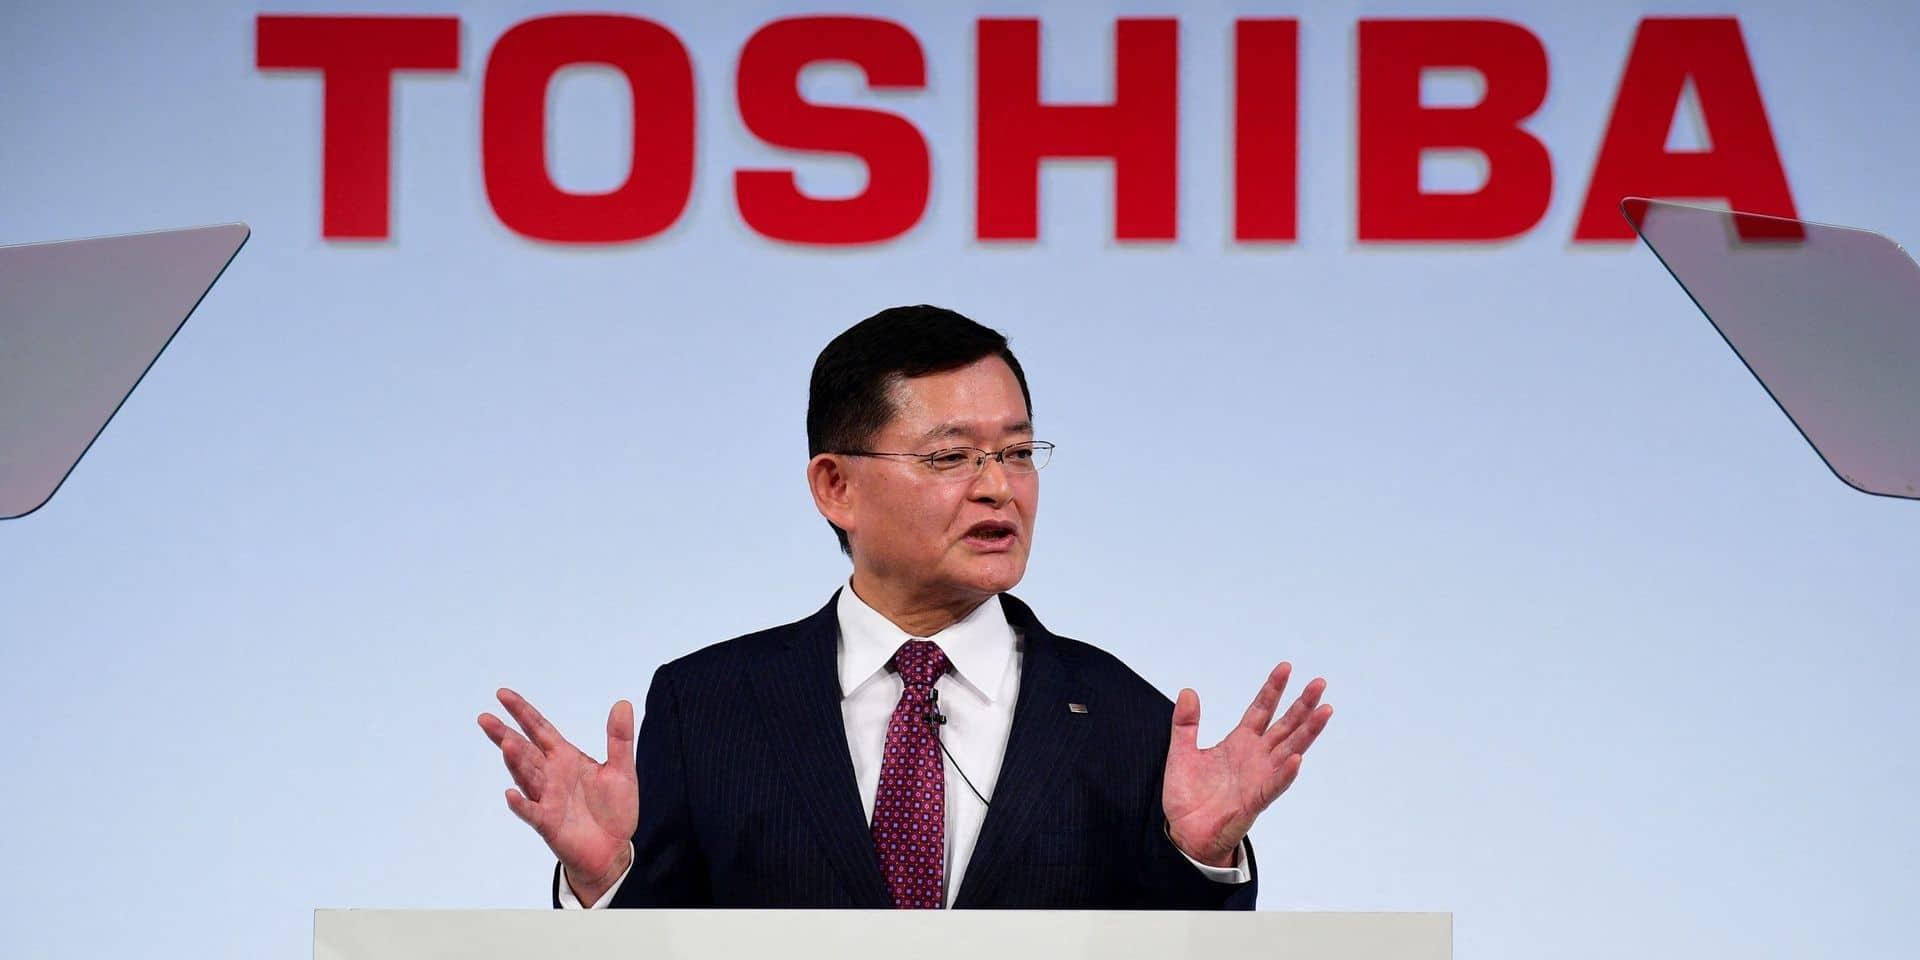 Le directeur général de Toshiba démissionne